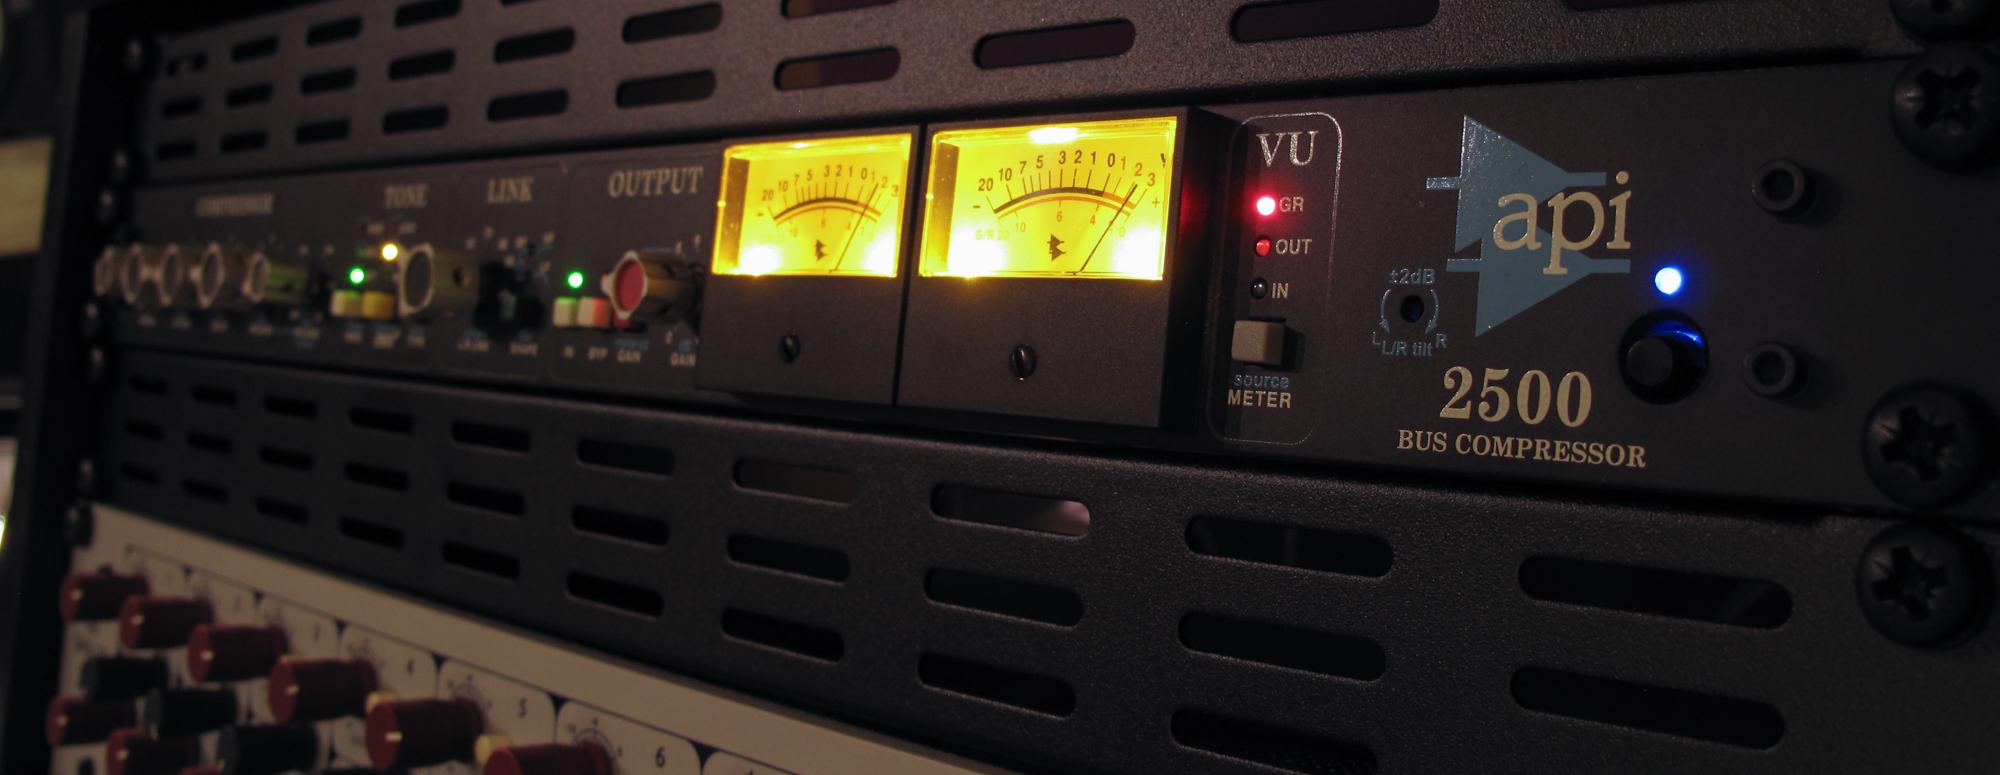 API 2500 Buss Compressor